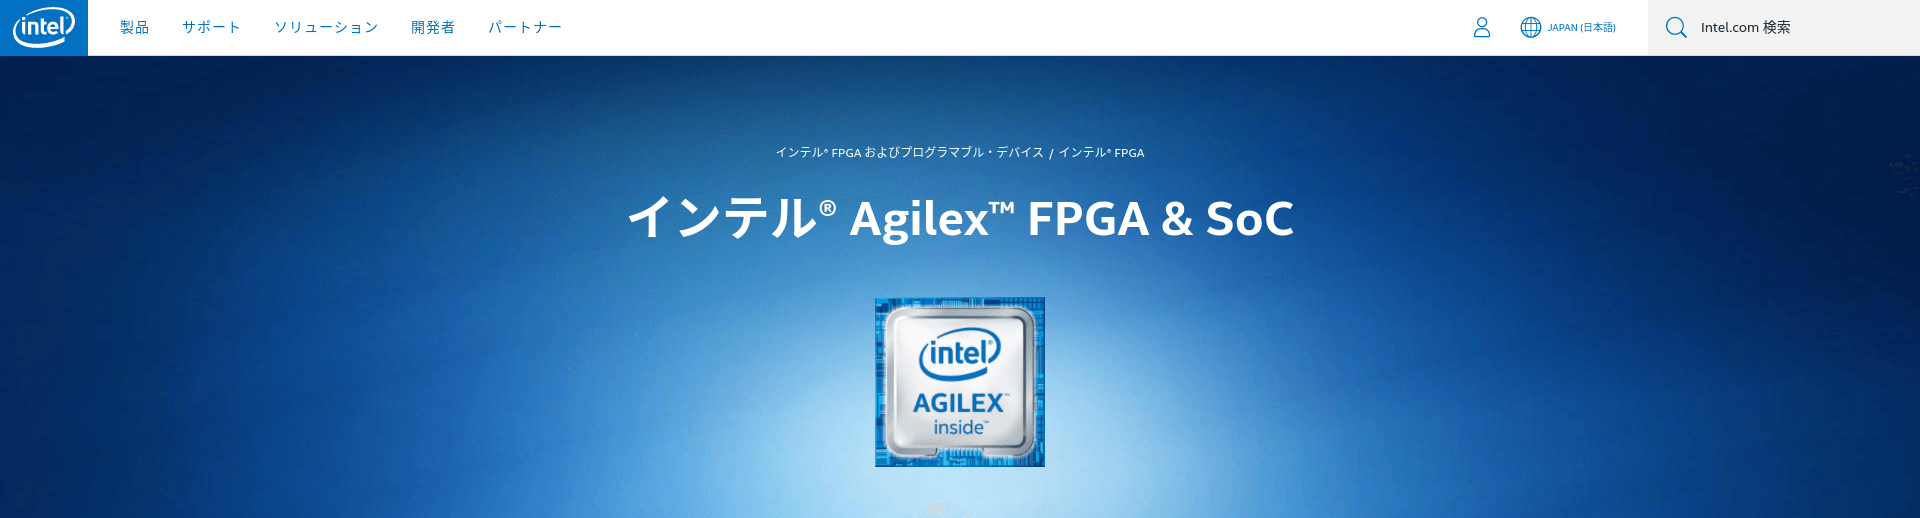 インテル(R) Agilex(TM) FPGA & SoC